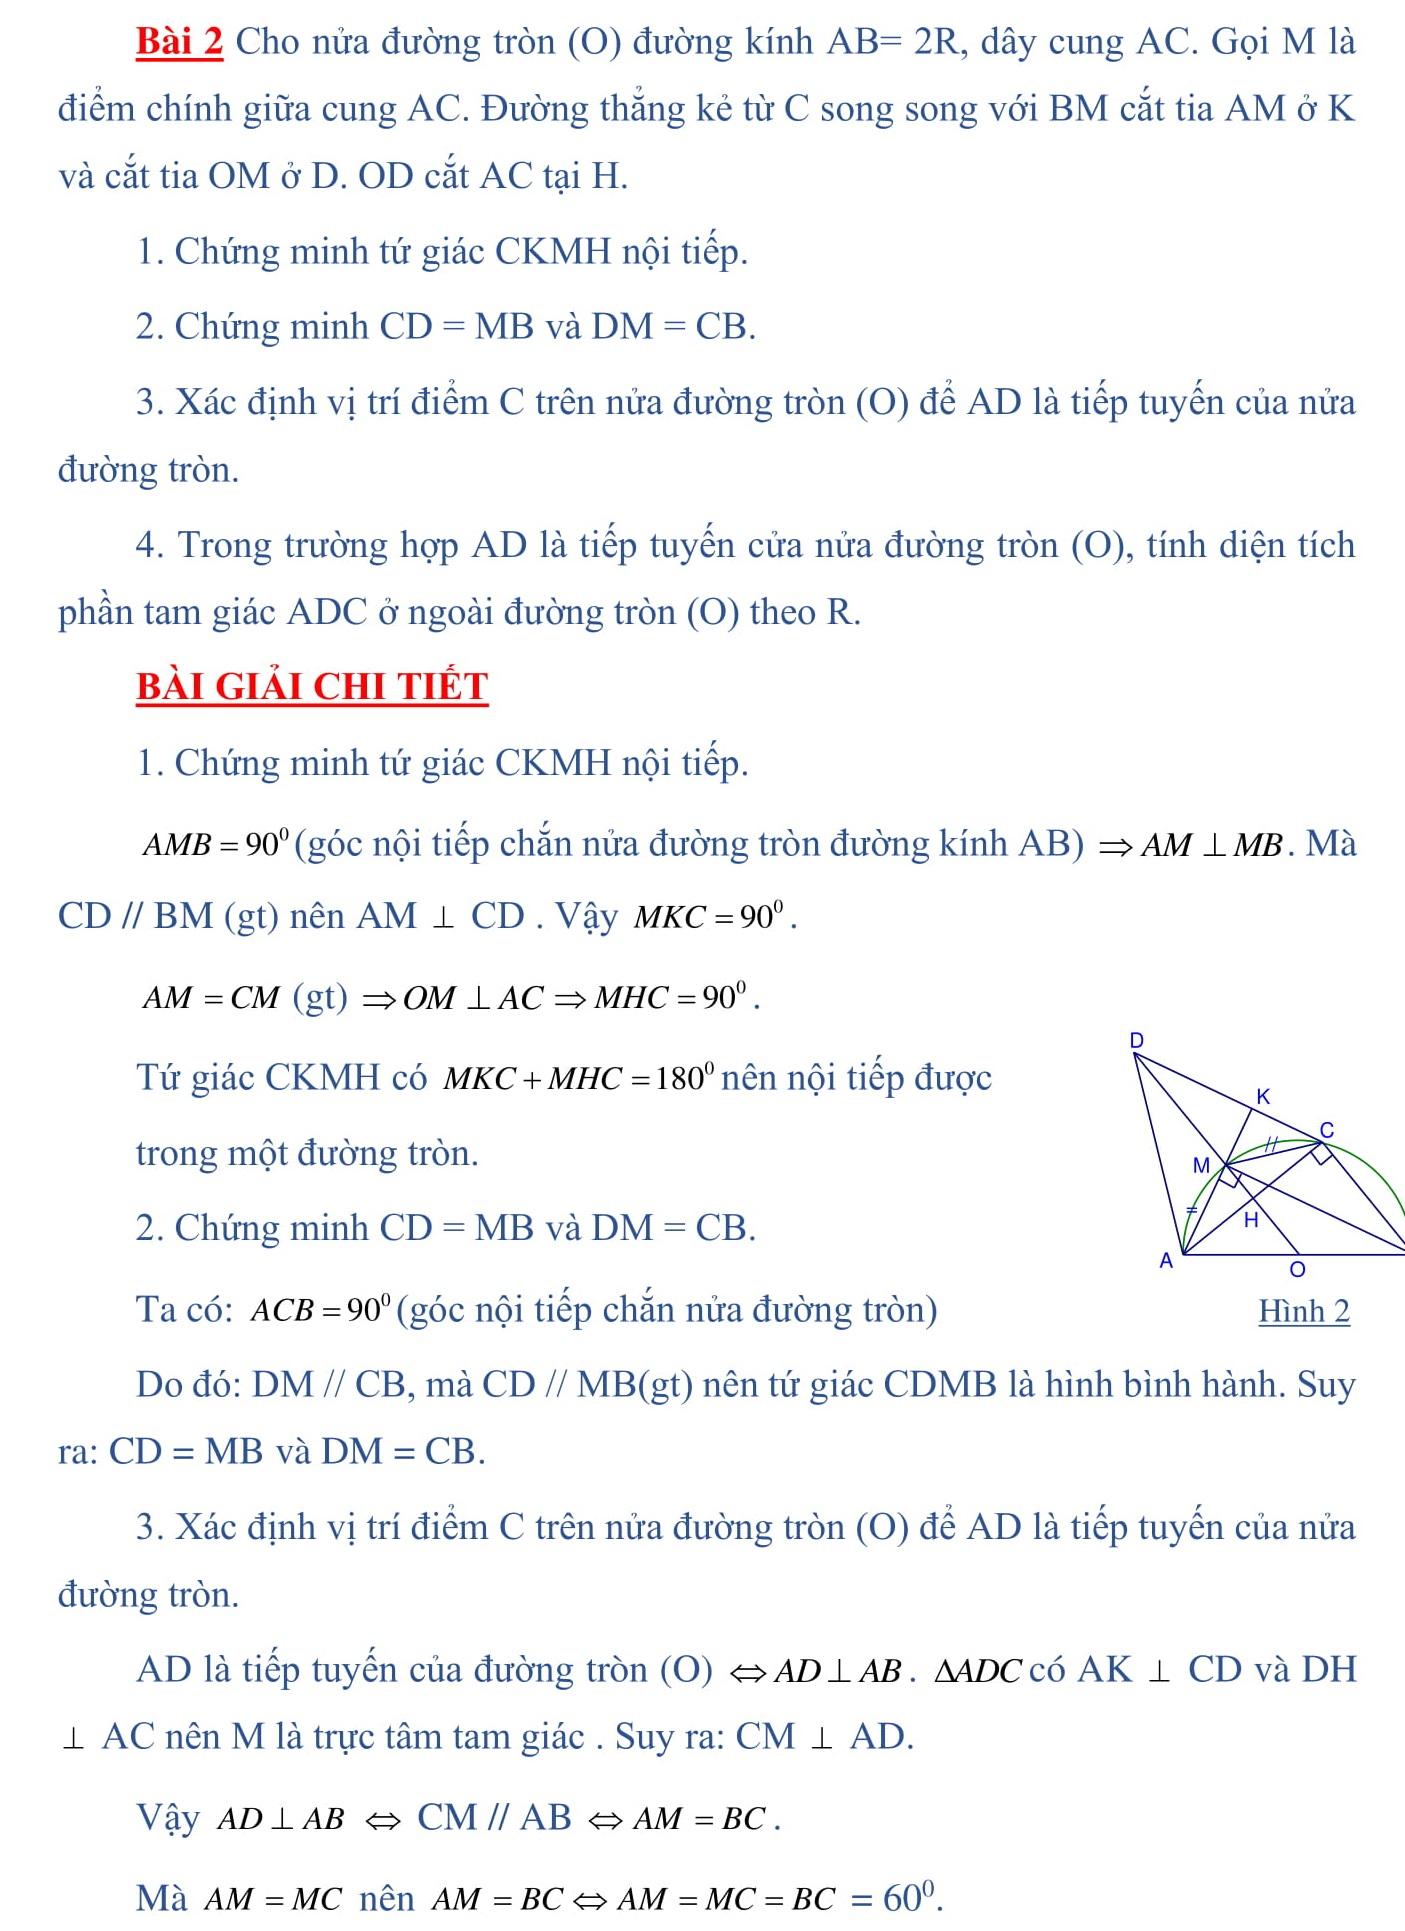 Đề cương ôn tập Toán 9 vào 10 - Hình học